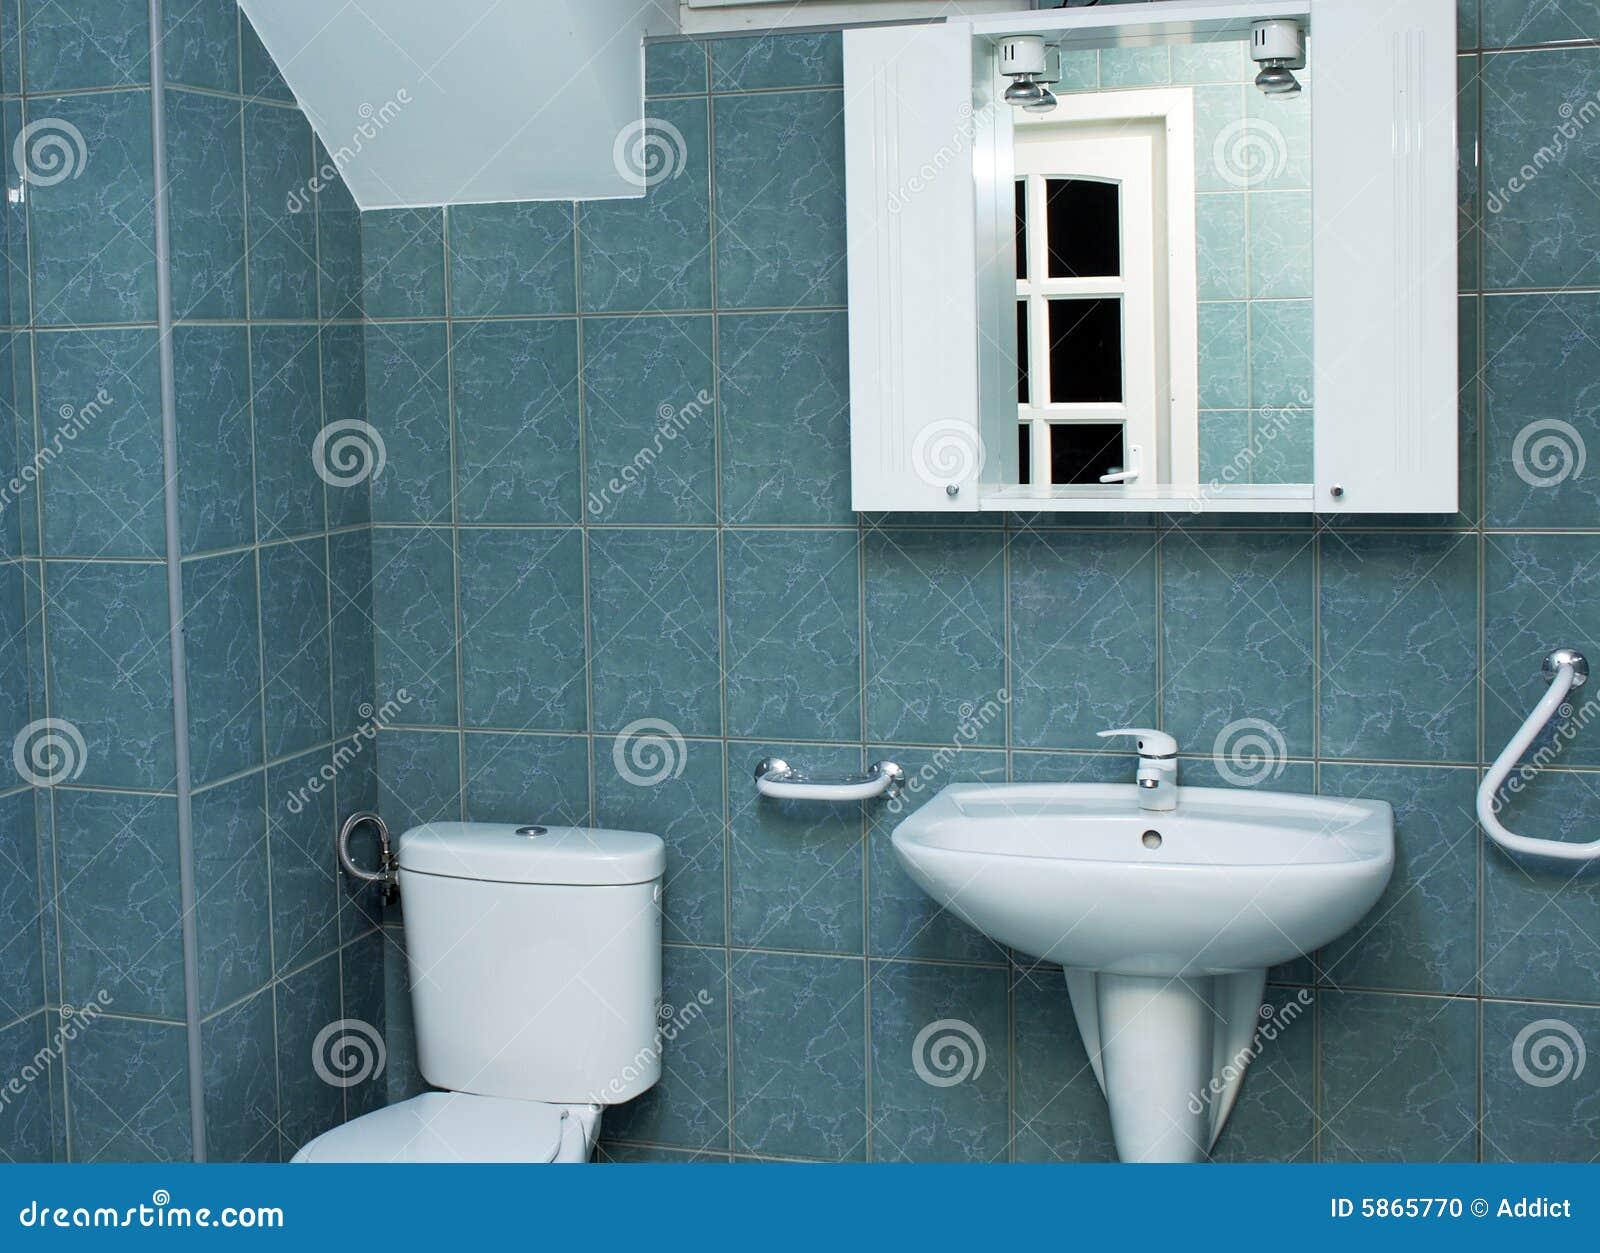 Modernes Badezimmer Mit Grünen Fliesen Stockfoto - Bild von ...